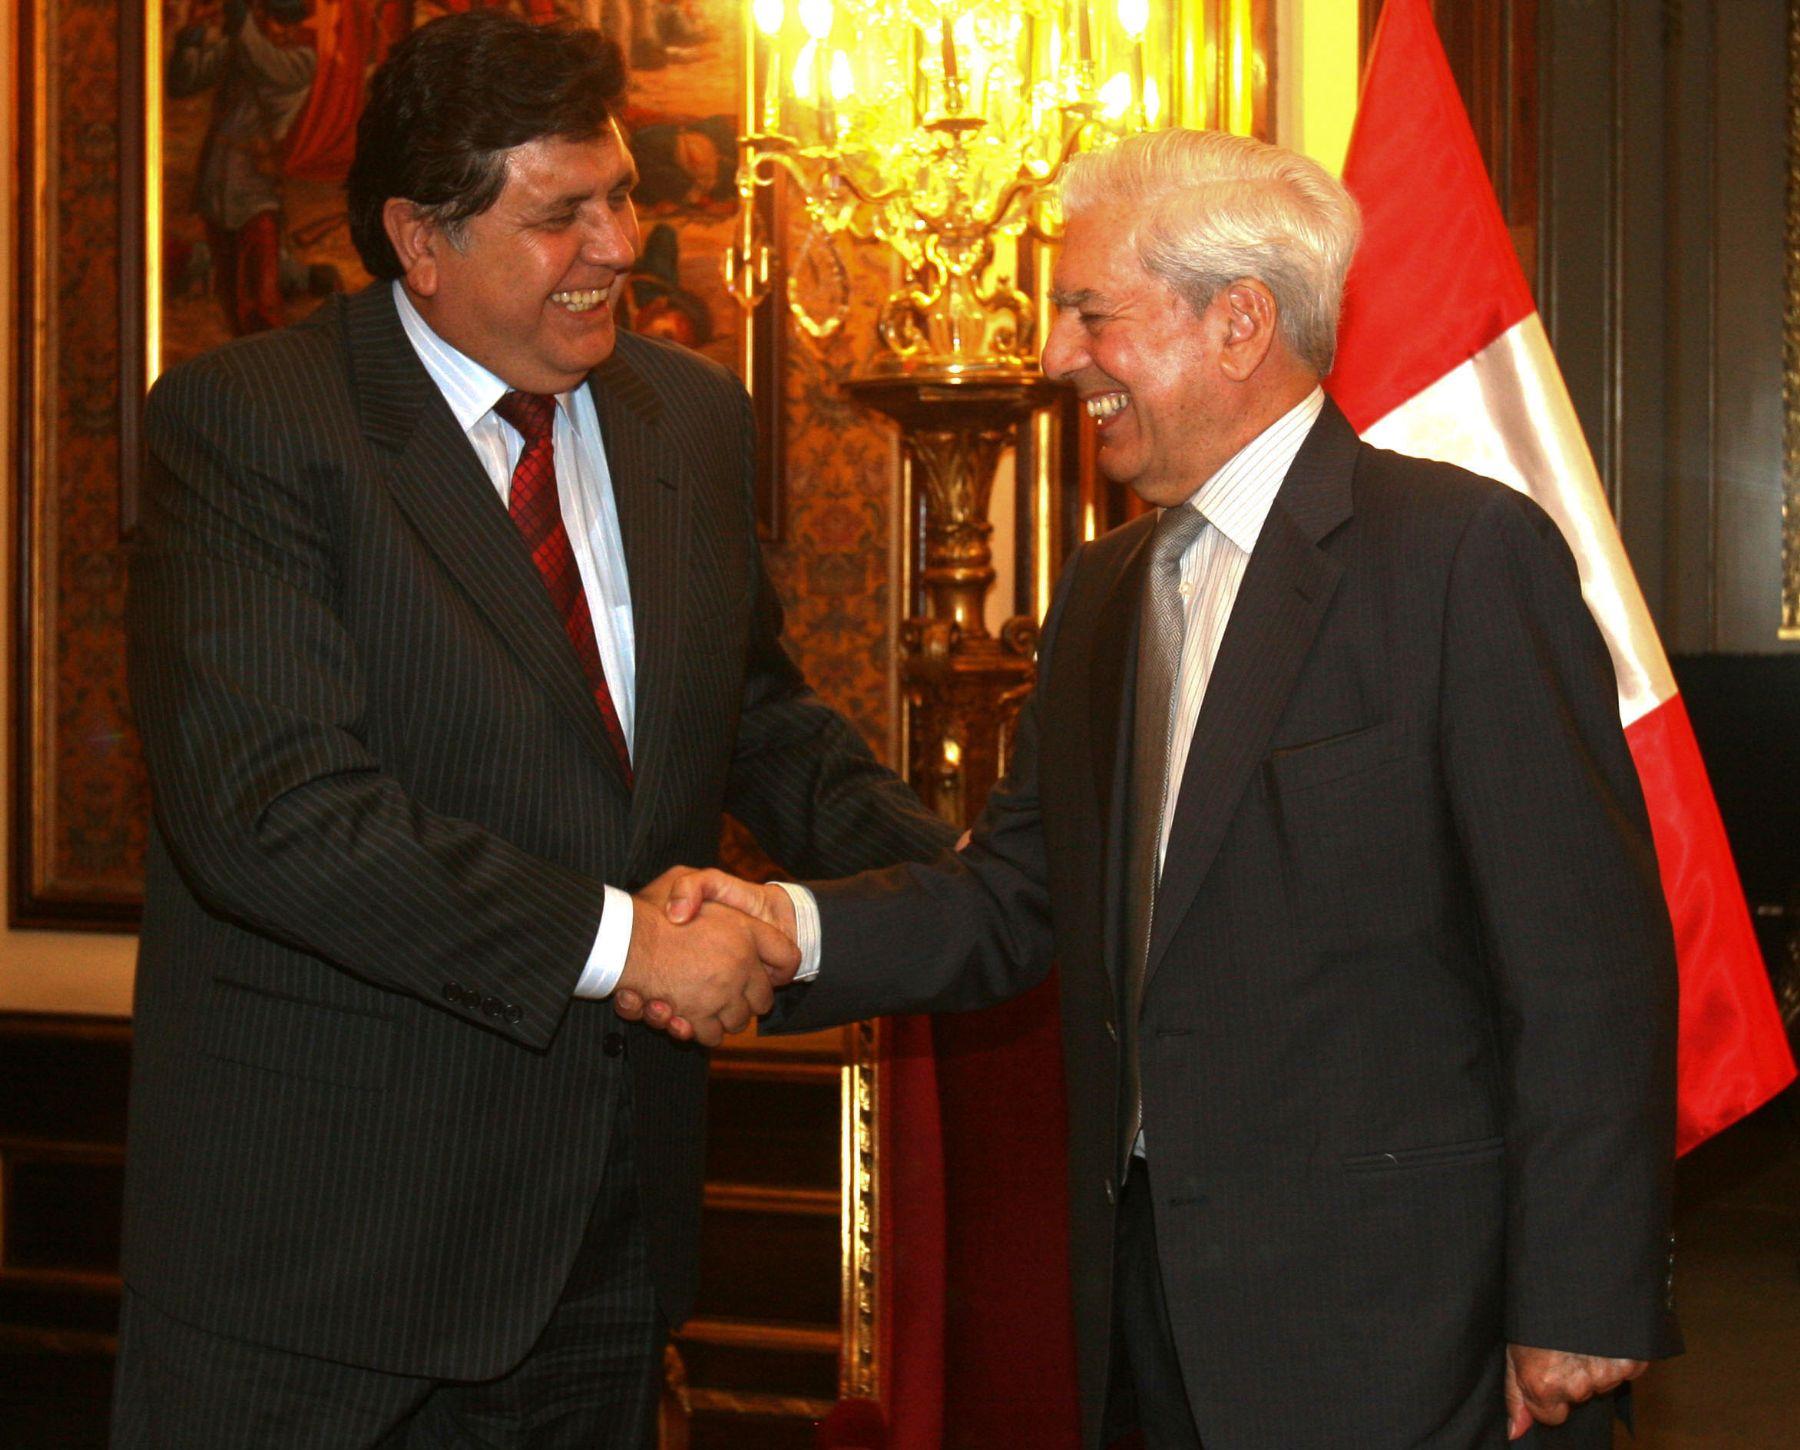 El Presidente de la República, Alan García  se reunió esta mañana con el escritor Mario Vargas Llosa en Palacio Gobierno. Foto: Andina / Sepres